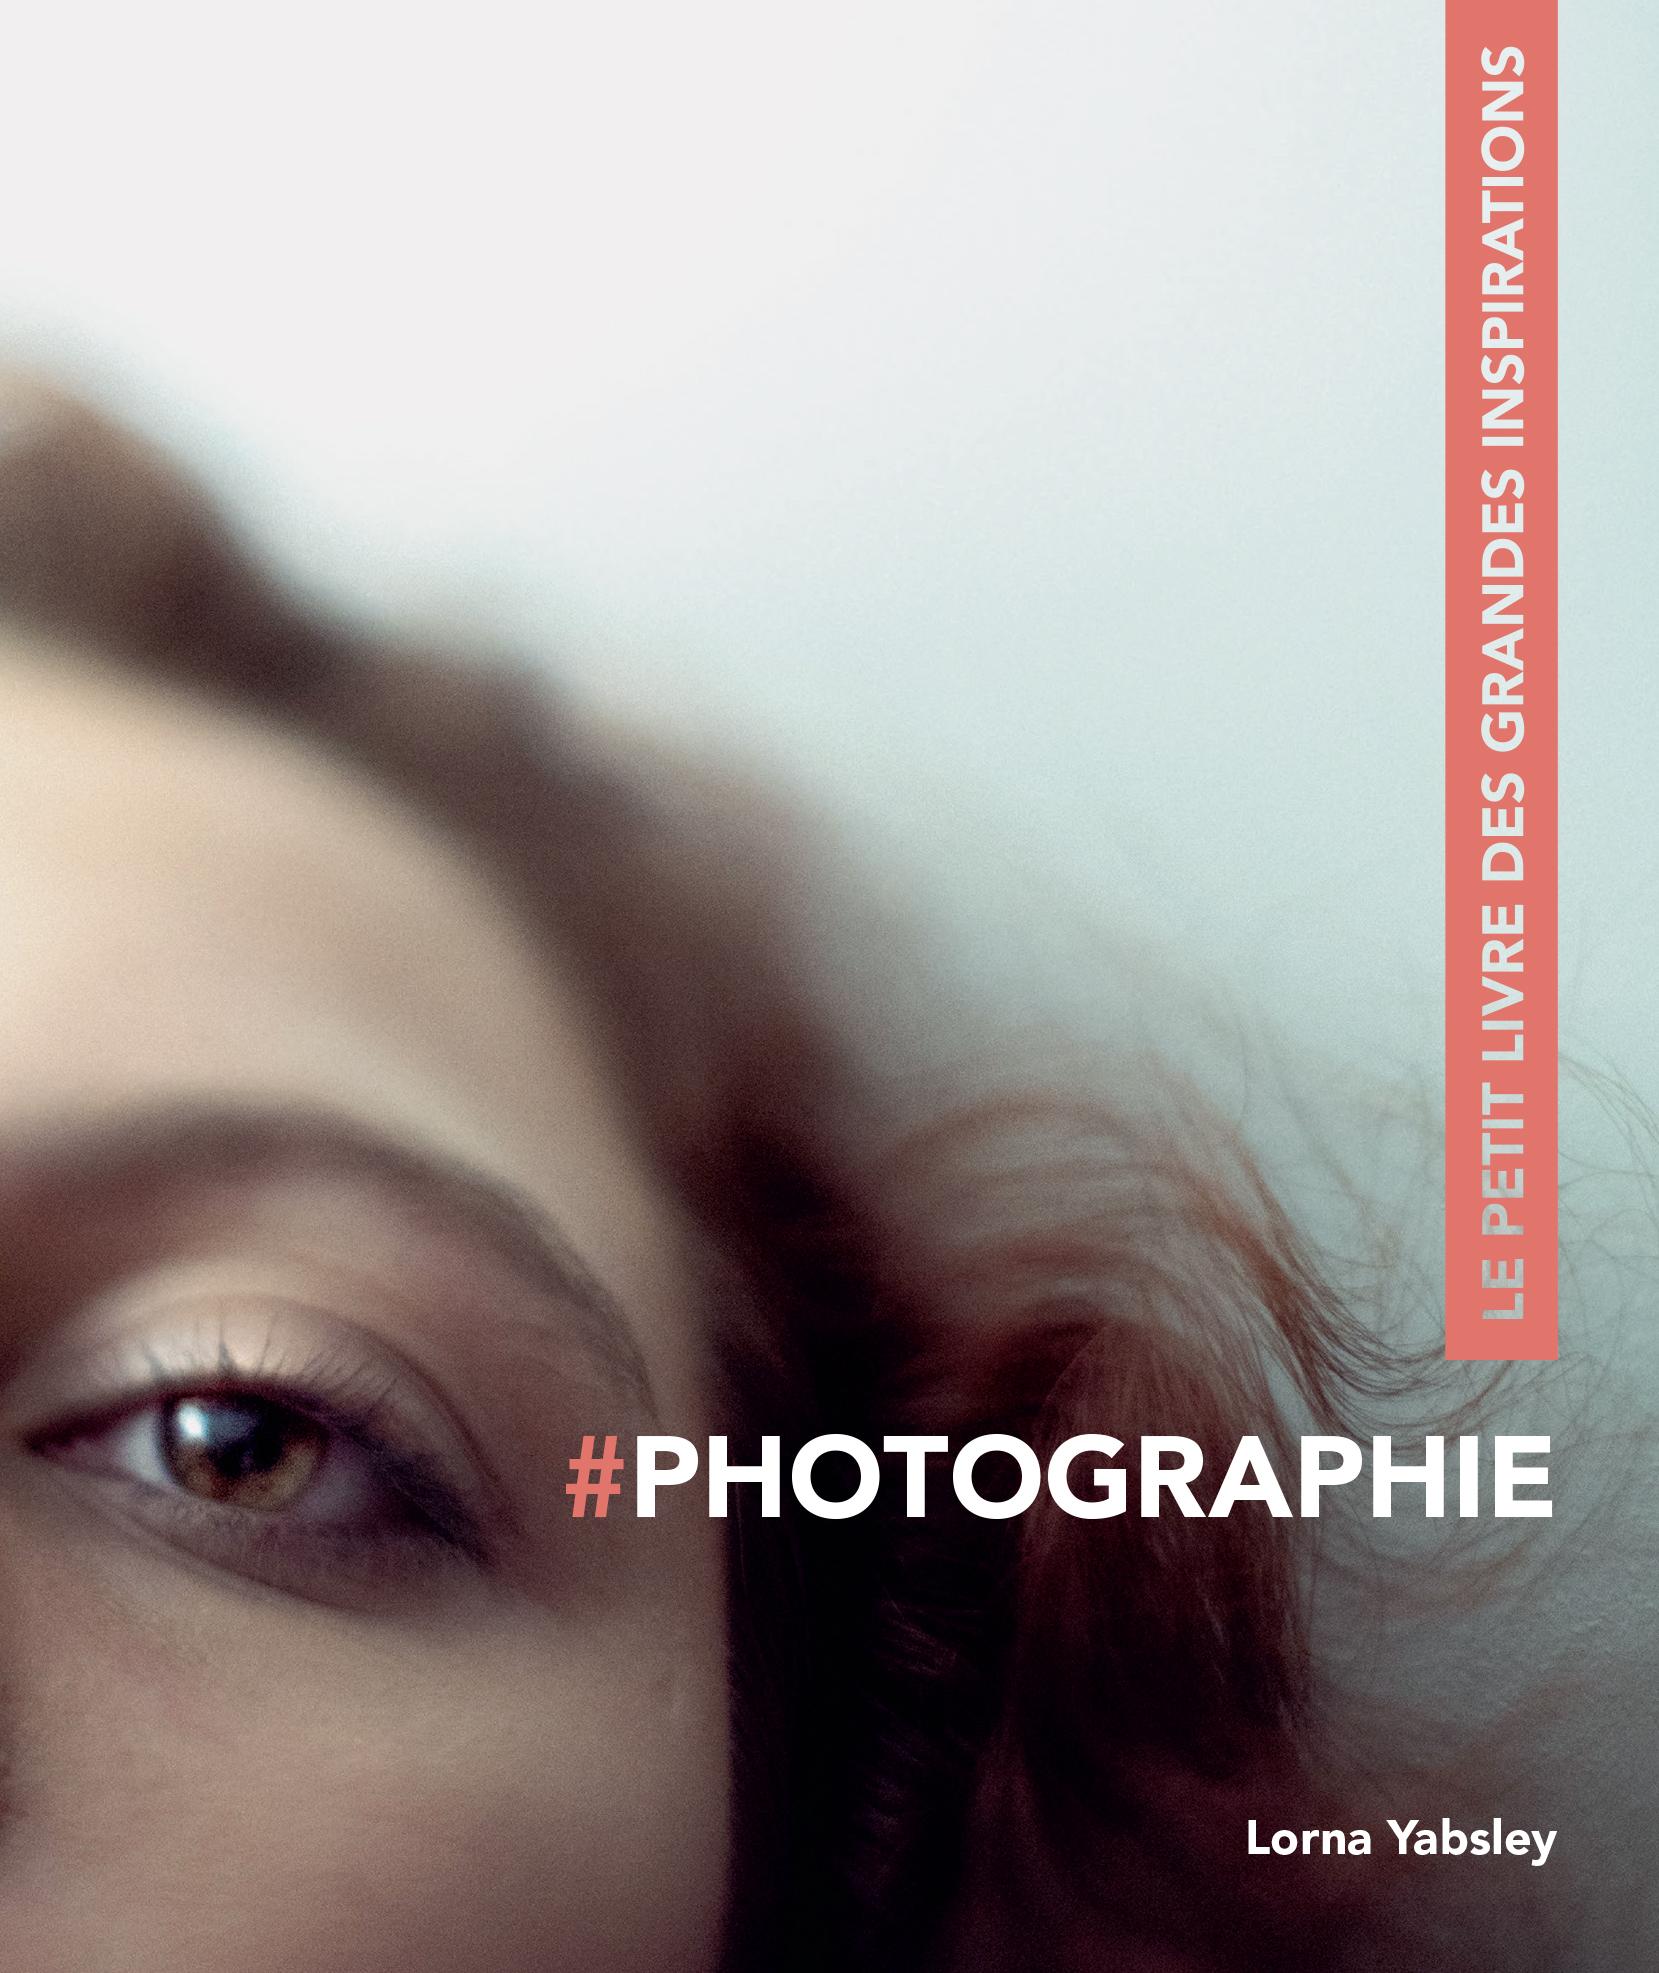 Photographie, le petit livre des grandes inspirations par Lorna Yabsley